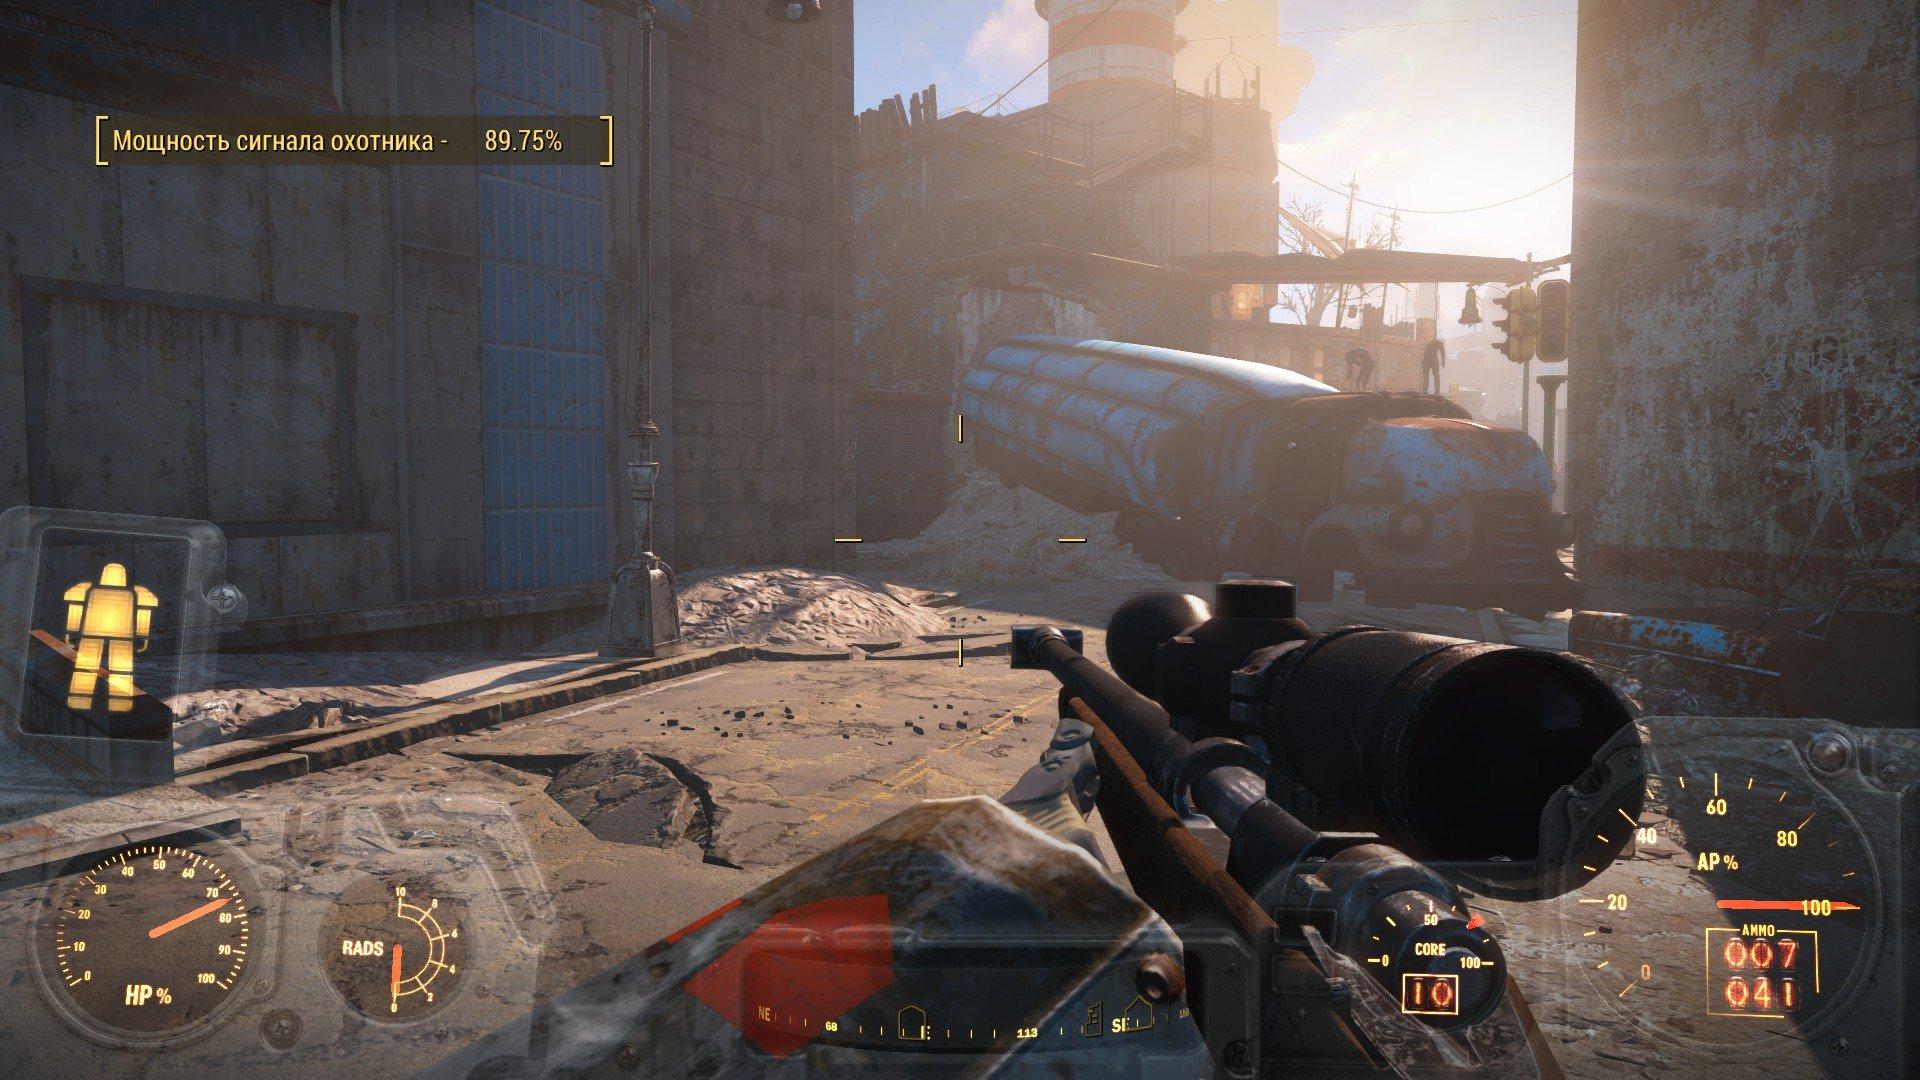 Большая рецензия на Fallout 4 - Изображение 2